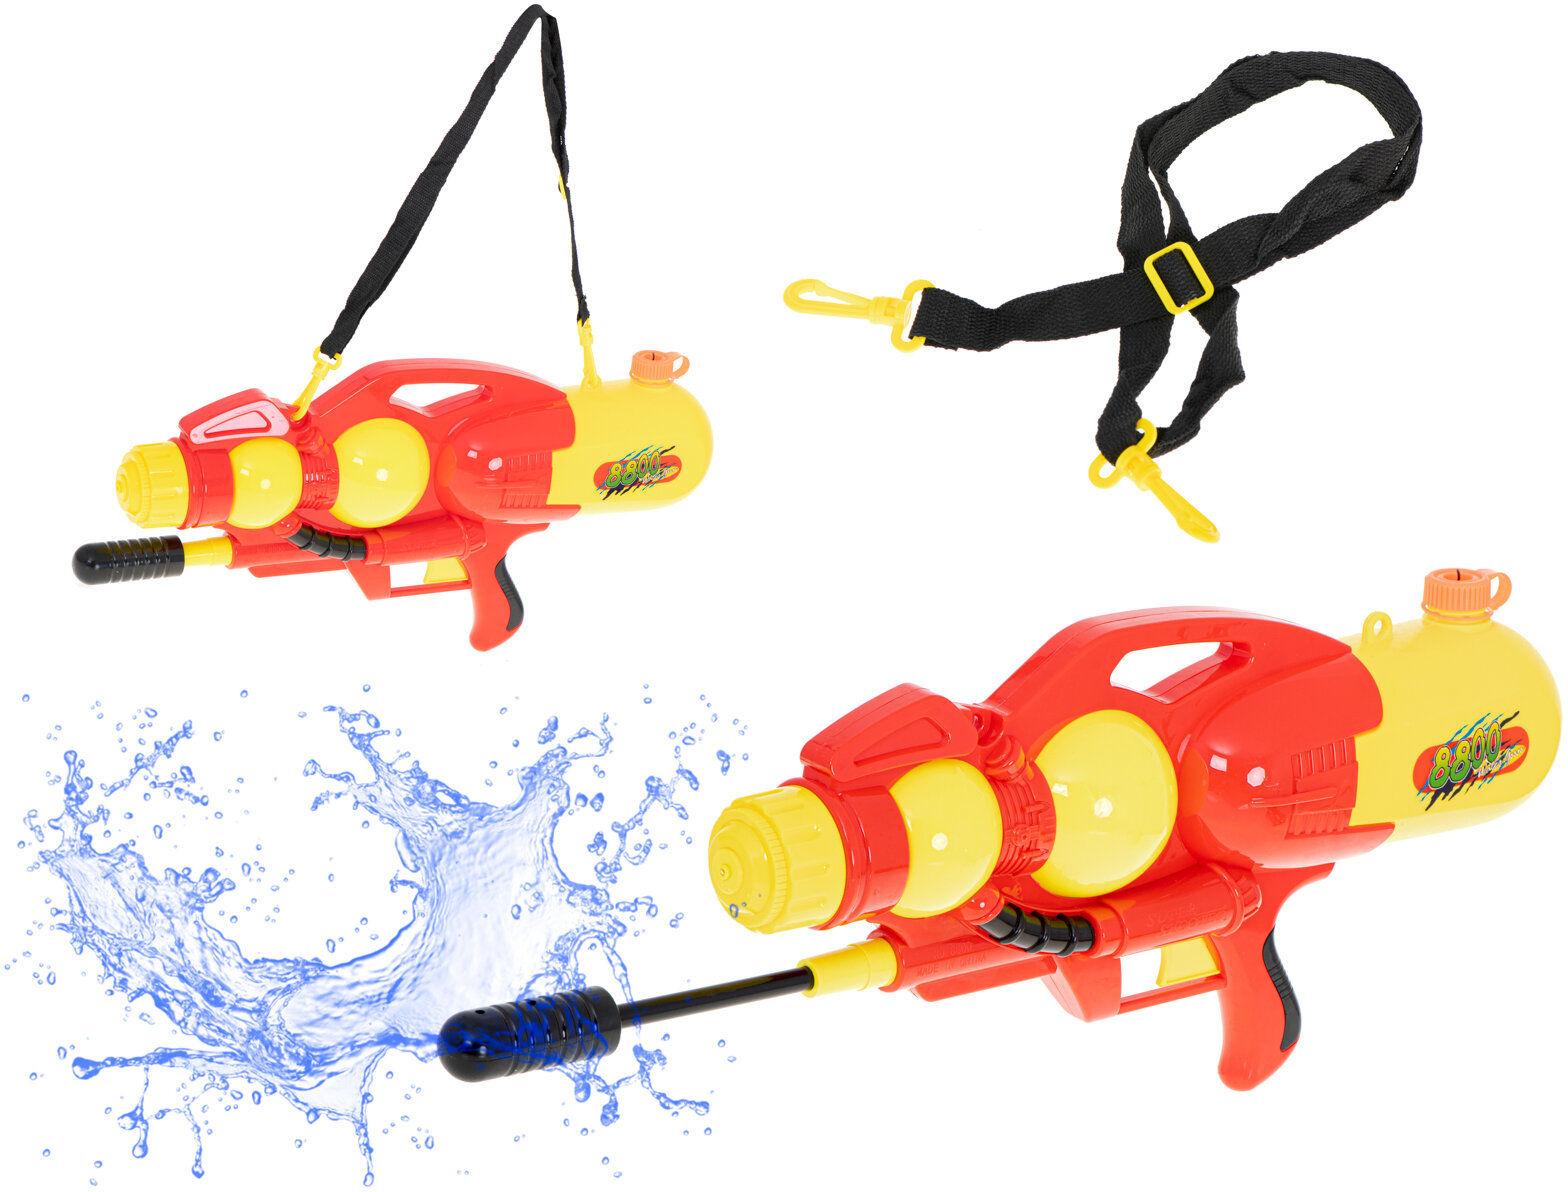 Pistolet na wodę wyrzutnia wodna 2400ml czerwony